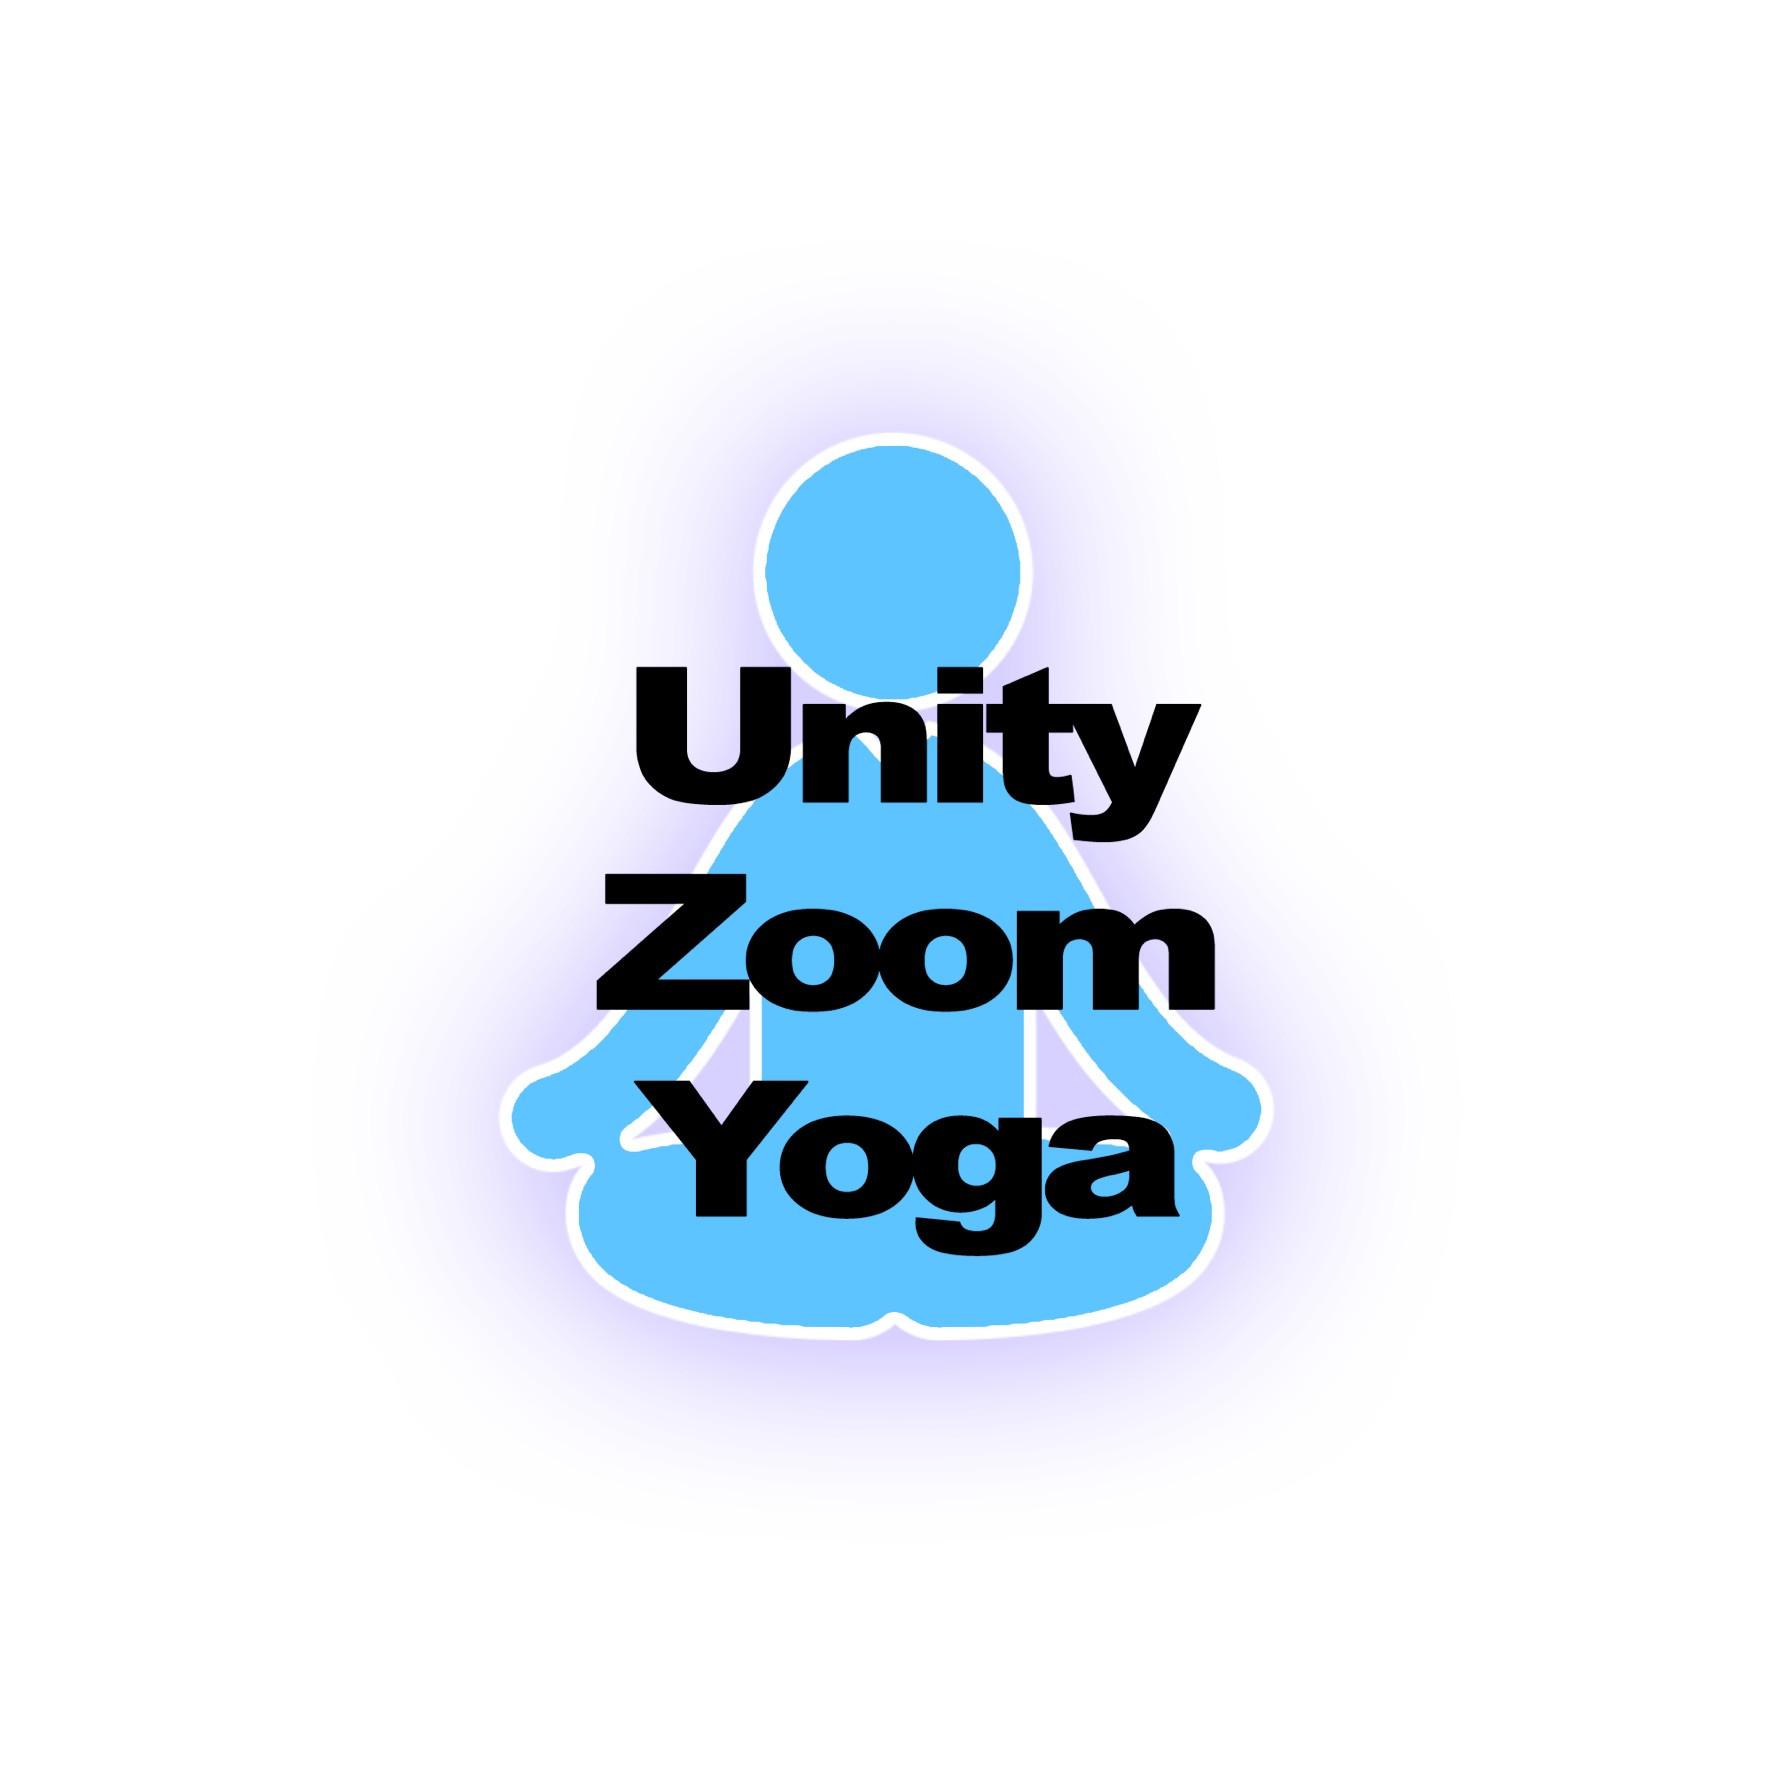 Unity Zoom Yoga